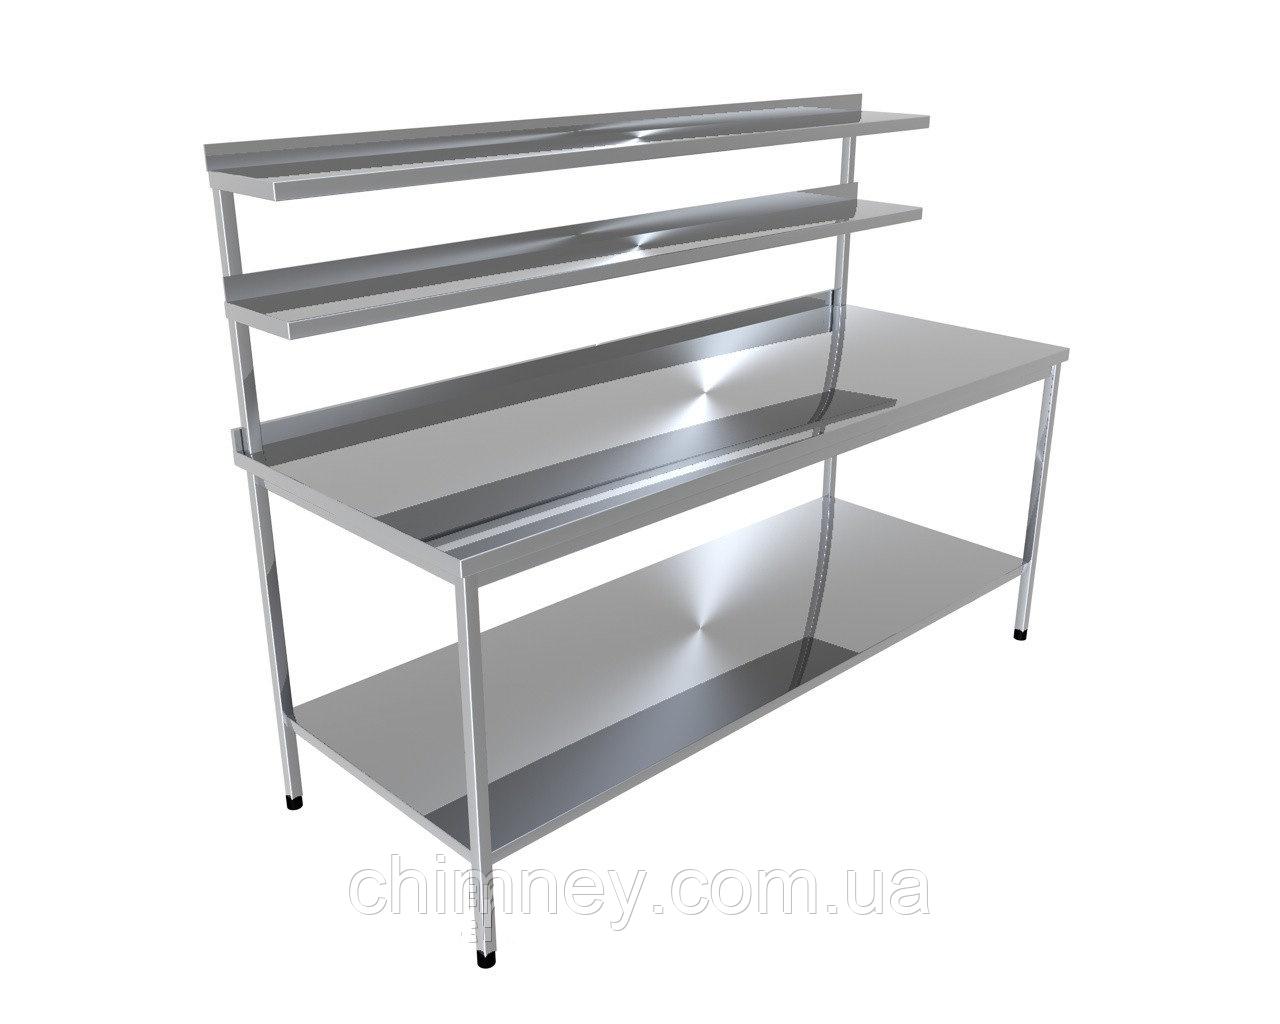 Стіл виробничий з двома верхніми полицями і однієї нижньої CHIMNEYBUD, 600x600x850 мм (нержавіюча сталь/430)